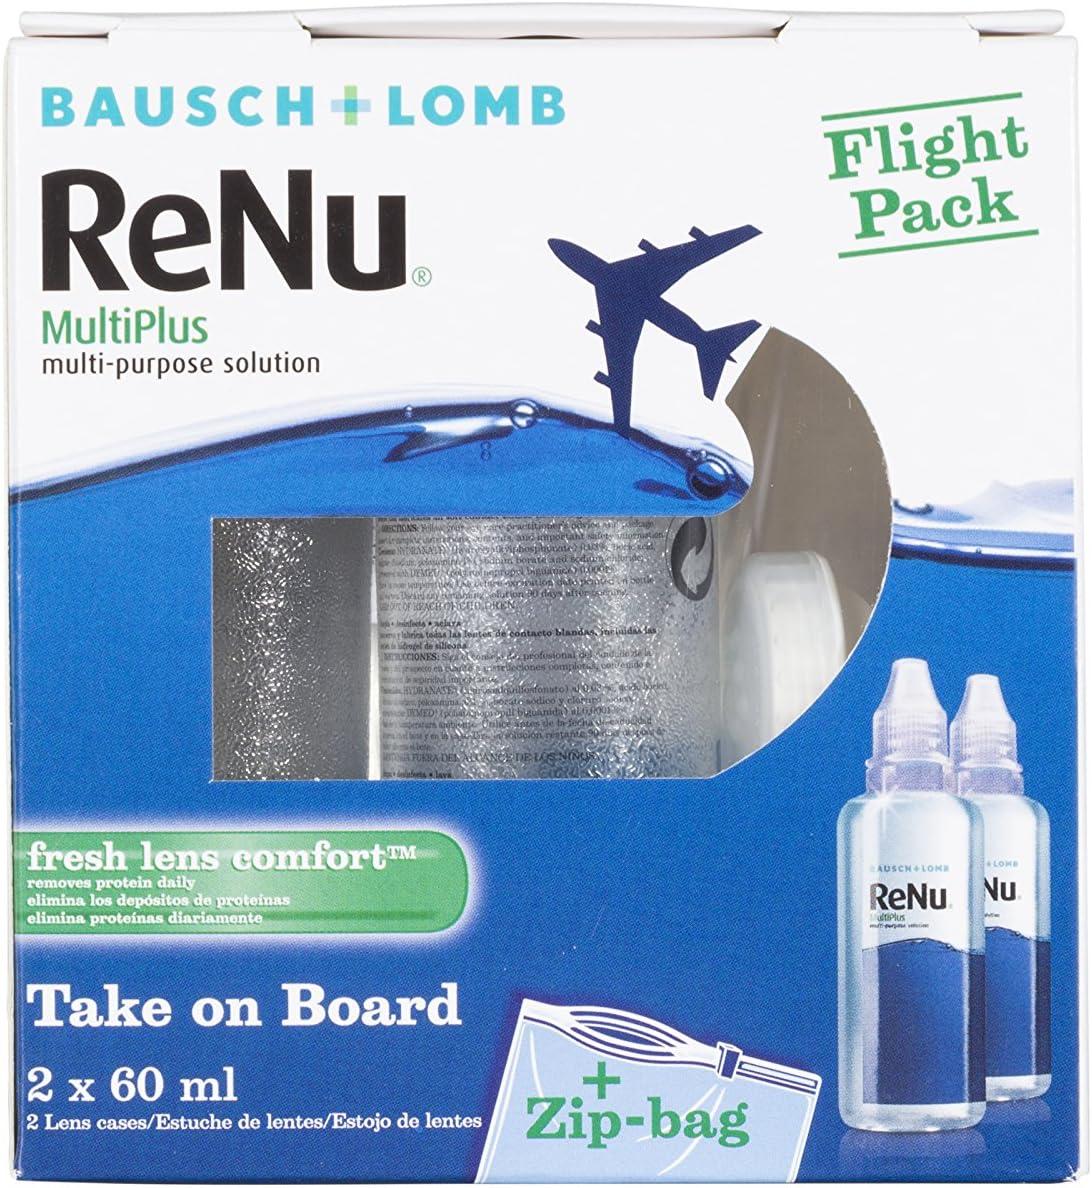 BAUSCH + LOMB - Renu® MultiPlus Solución de Mantenimiento - Kit viaje Pack 2 botellas x 60 ml: Amazon.es: Salud y cuidado personal